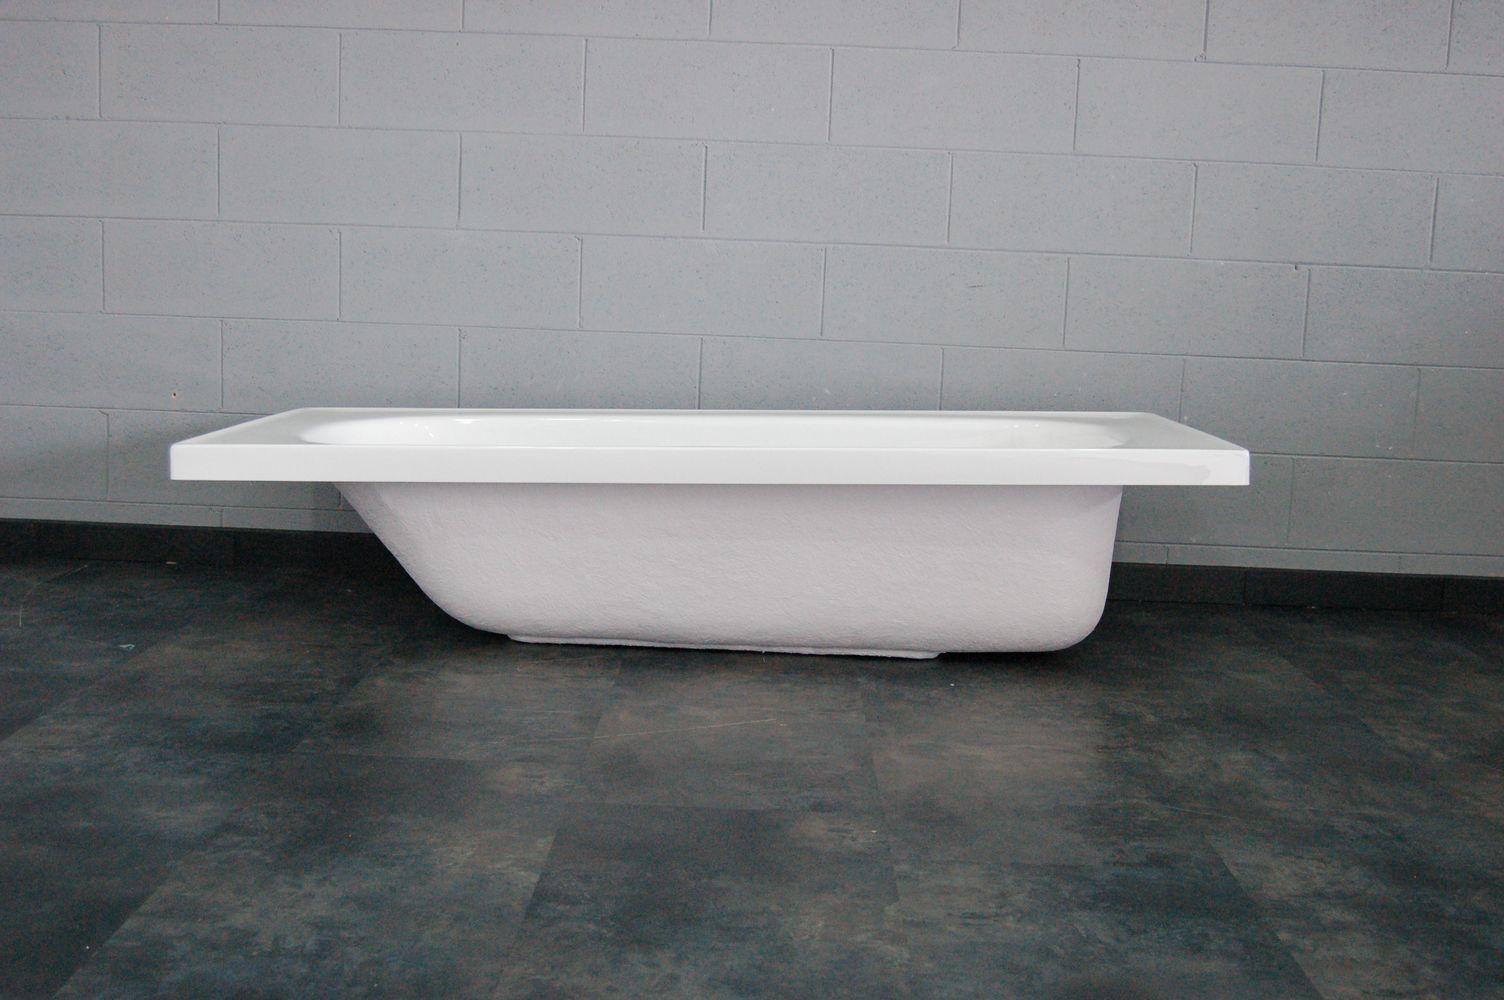 Vasche Da Bagno In Vetroresina Misure : Vasche da sovrapposizione produzione vasche da bagno acryltech